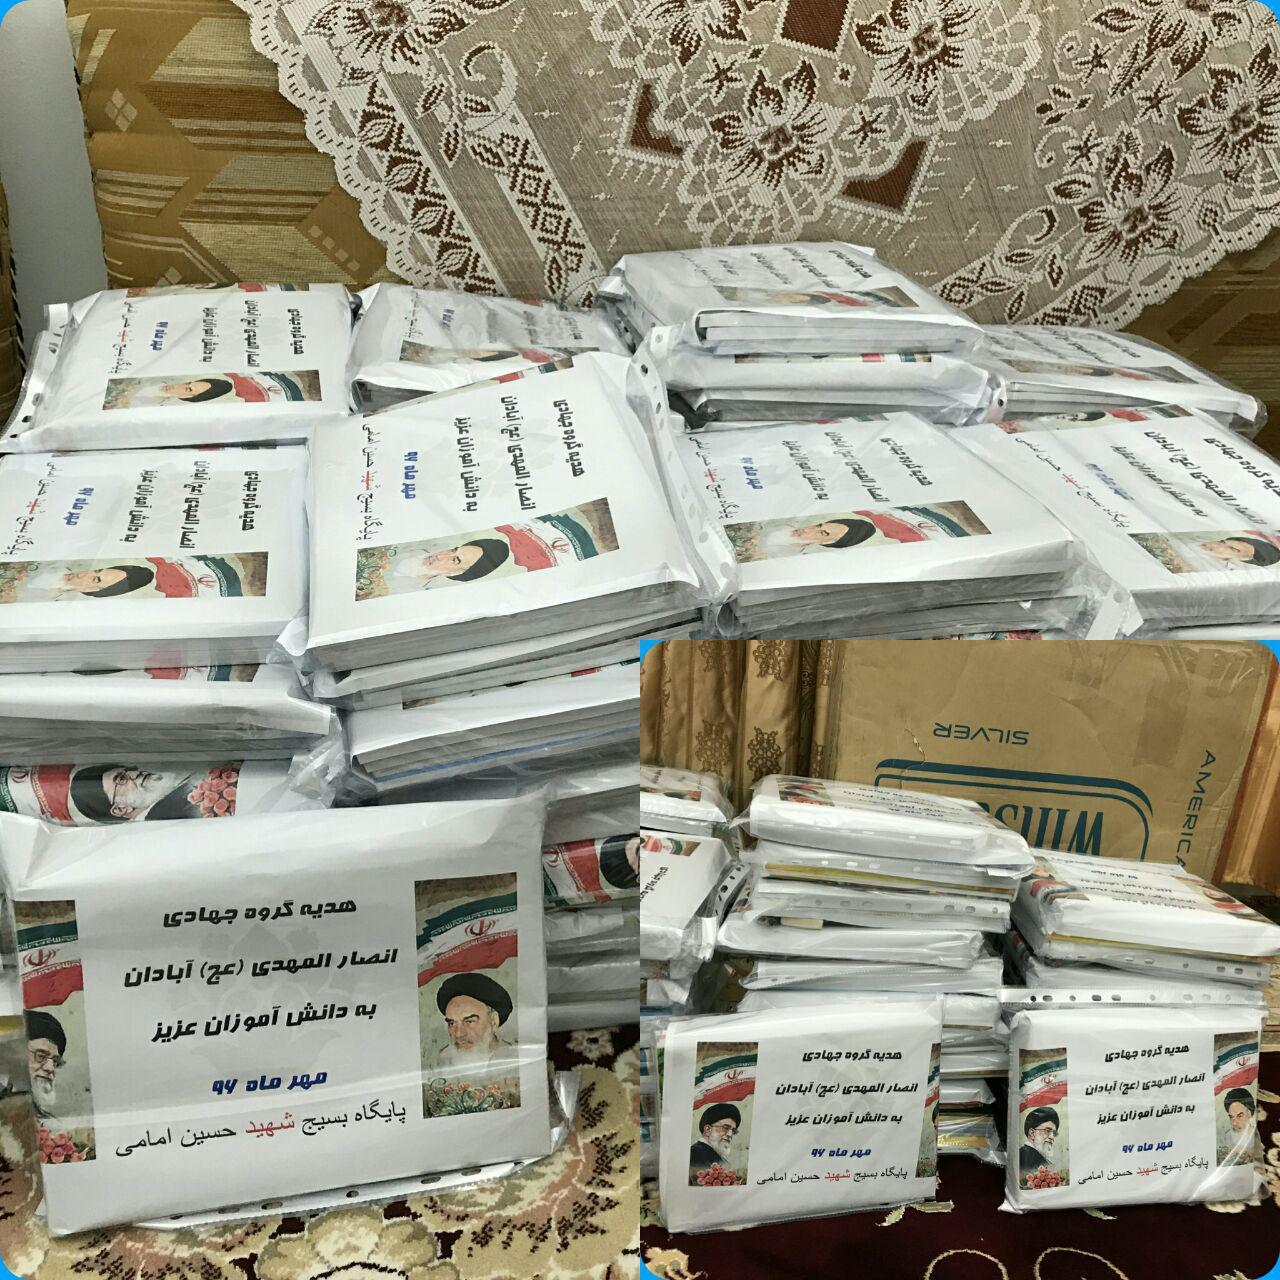 توزیع 170 بسته نوشت افزاری (مسجد امام باقر (ع))